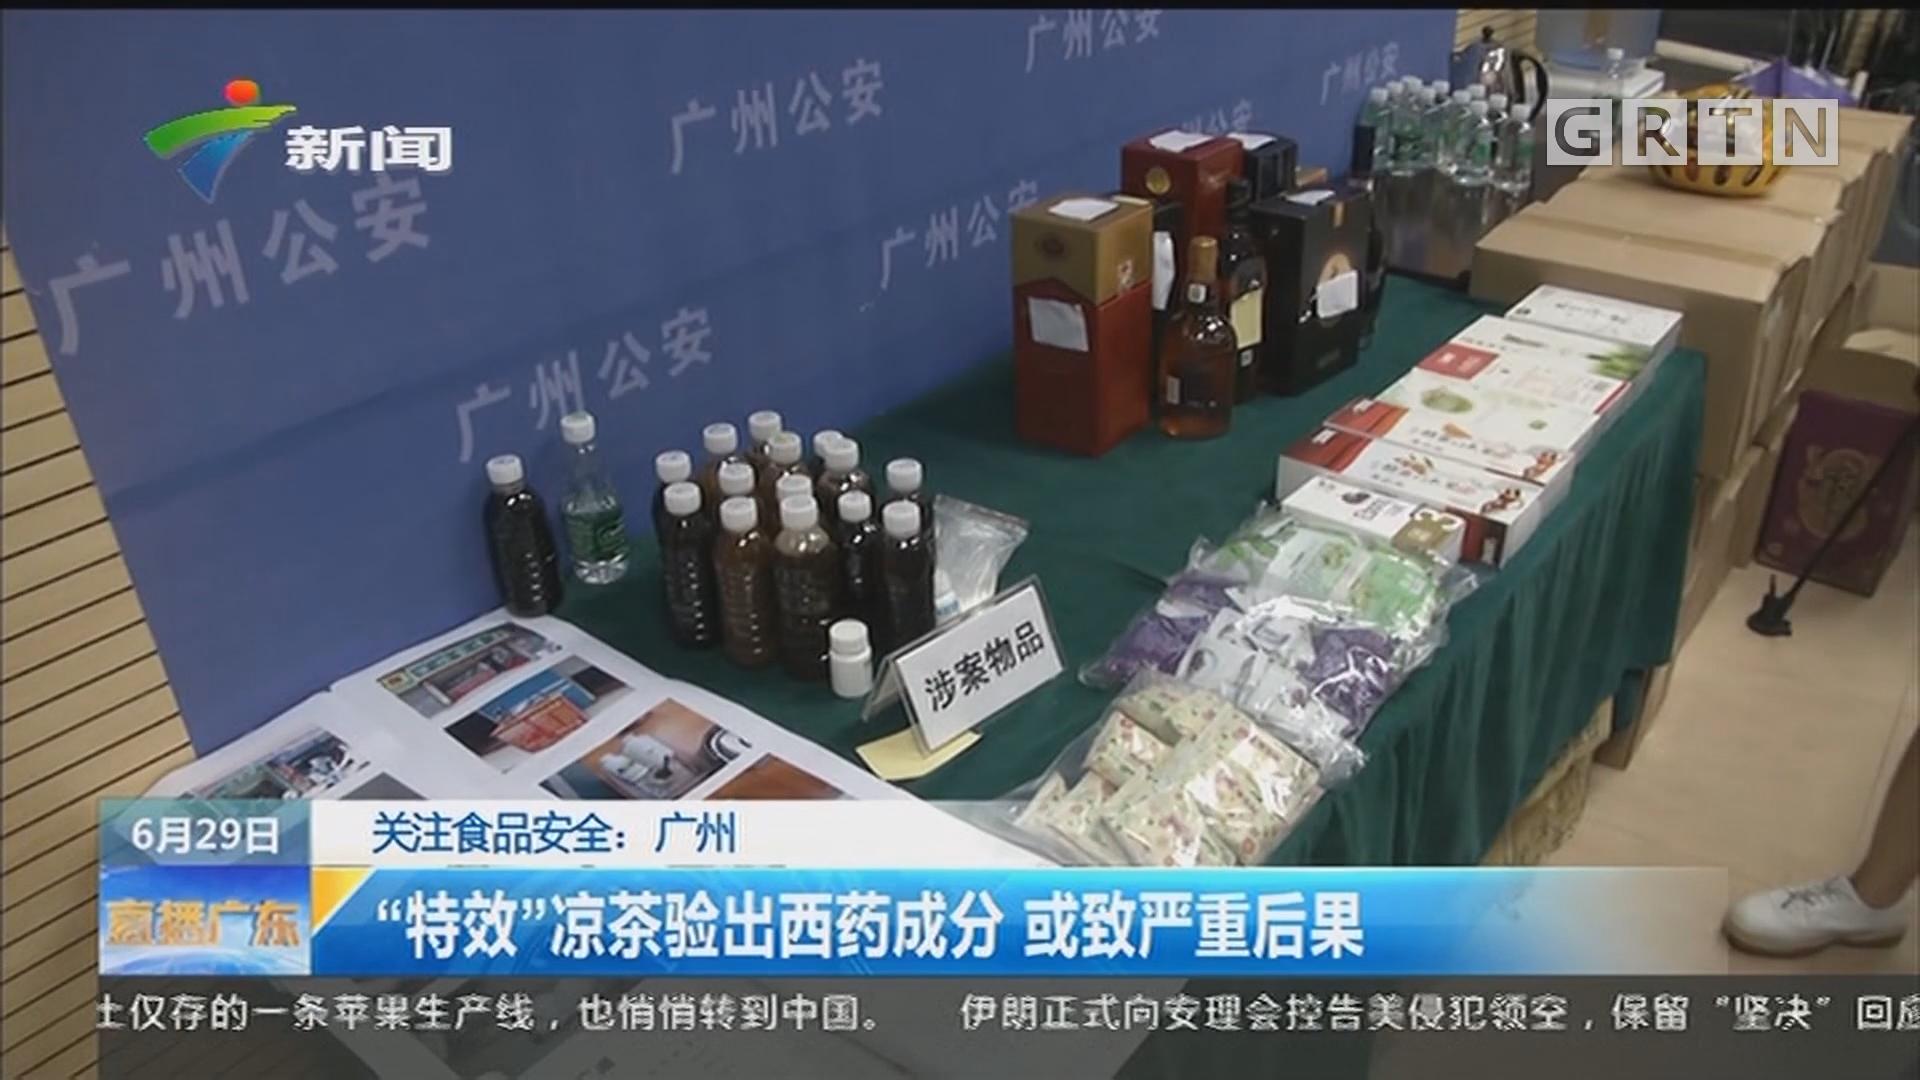 """關注食品安全:廣州 """"特效""""涼茶驗出西藥成分 或致嚴重后果"""